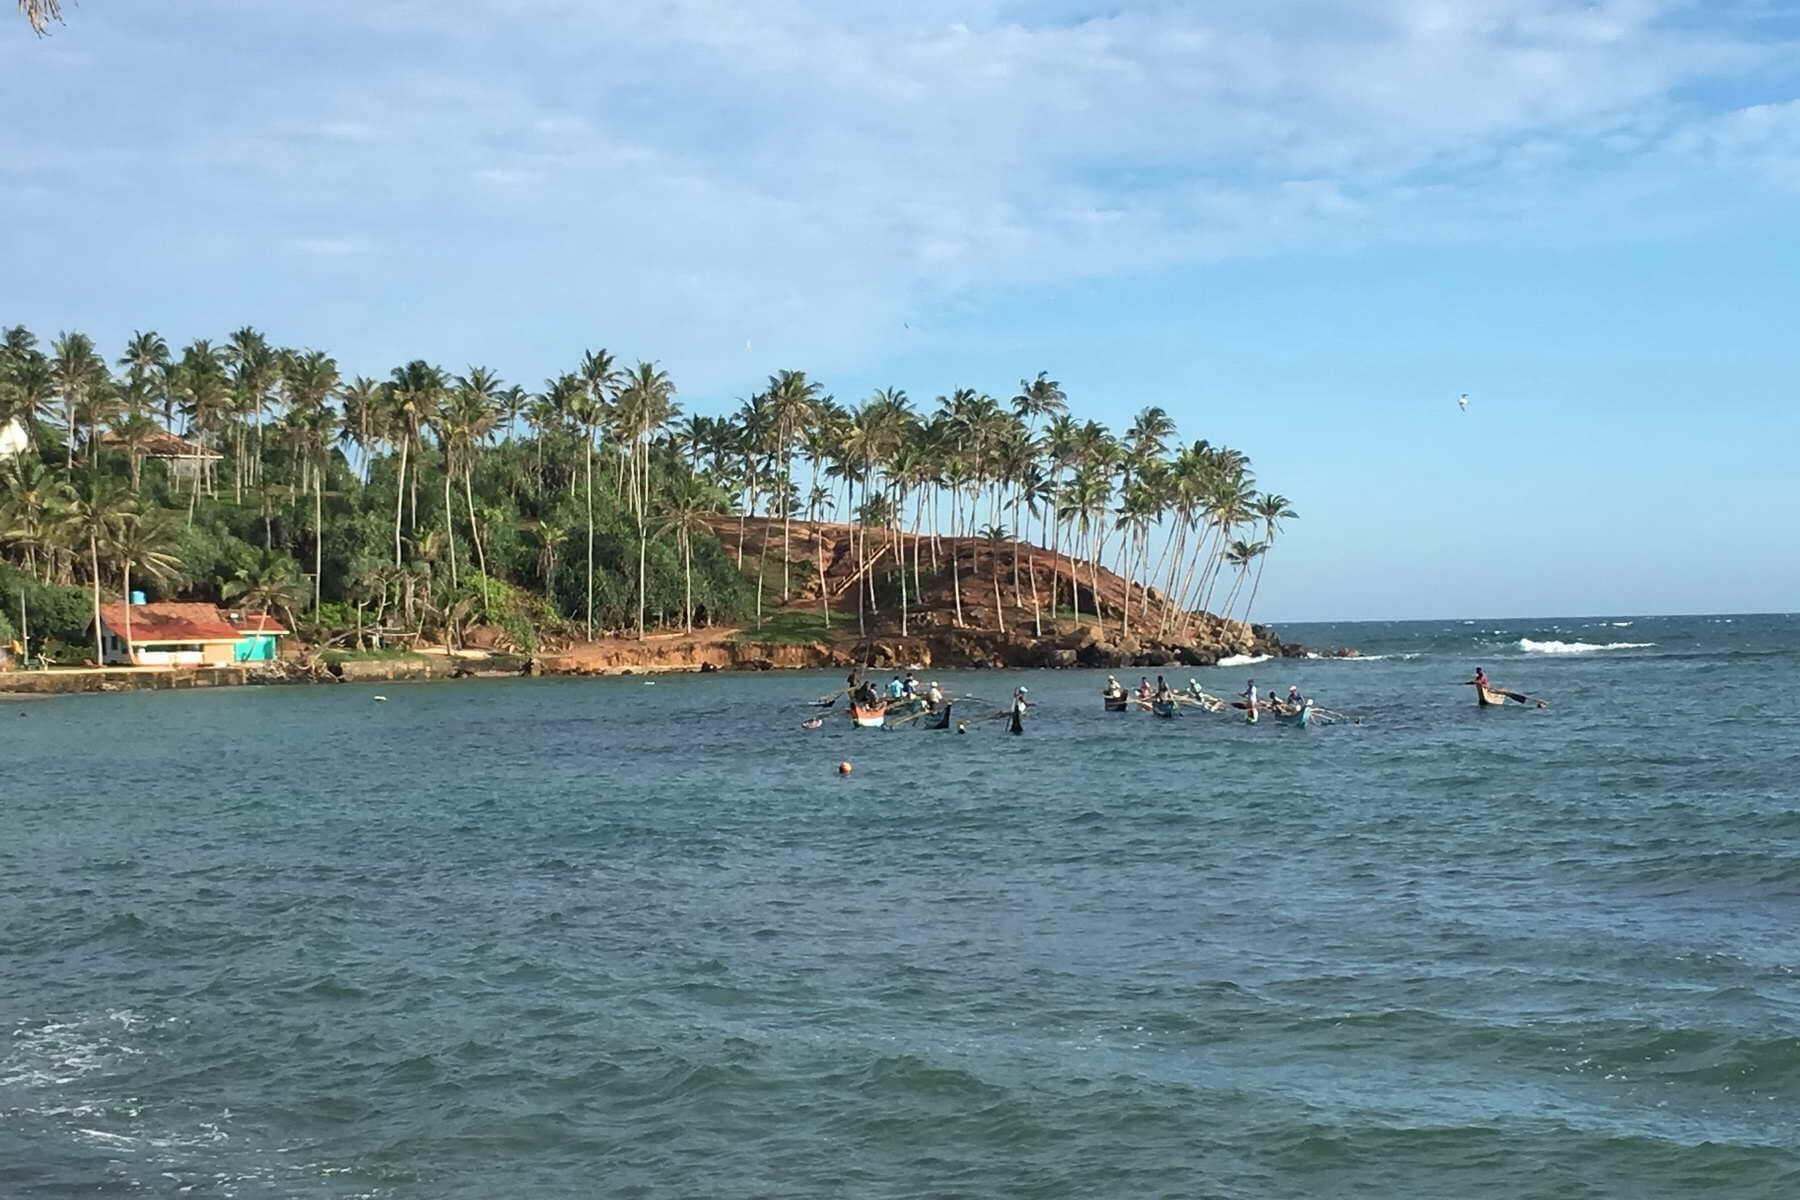 Die Turtlebucht in Mirissa ist nicht nur unter Wasser toll zum Schnorcheln, sondern bietet auch über Wasser einen schönen Anblick